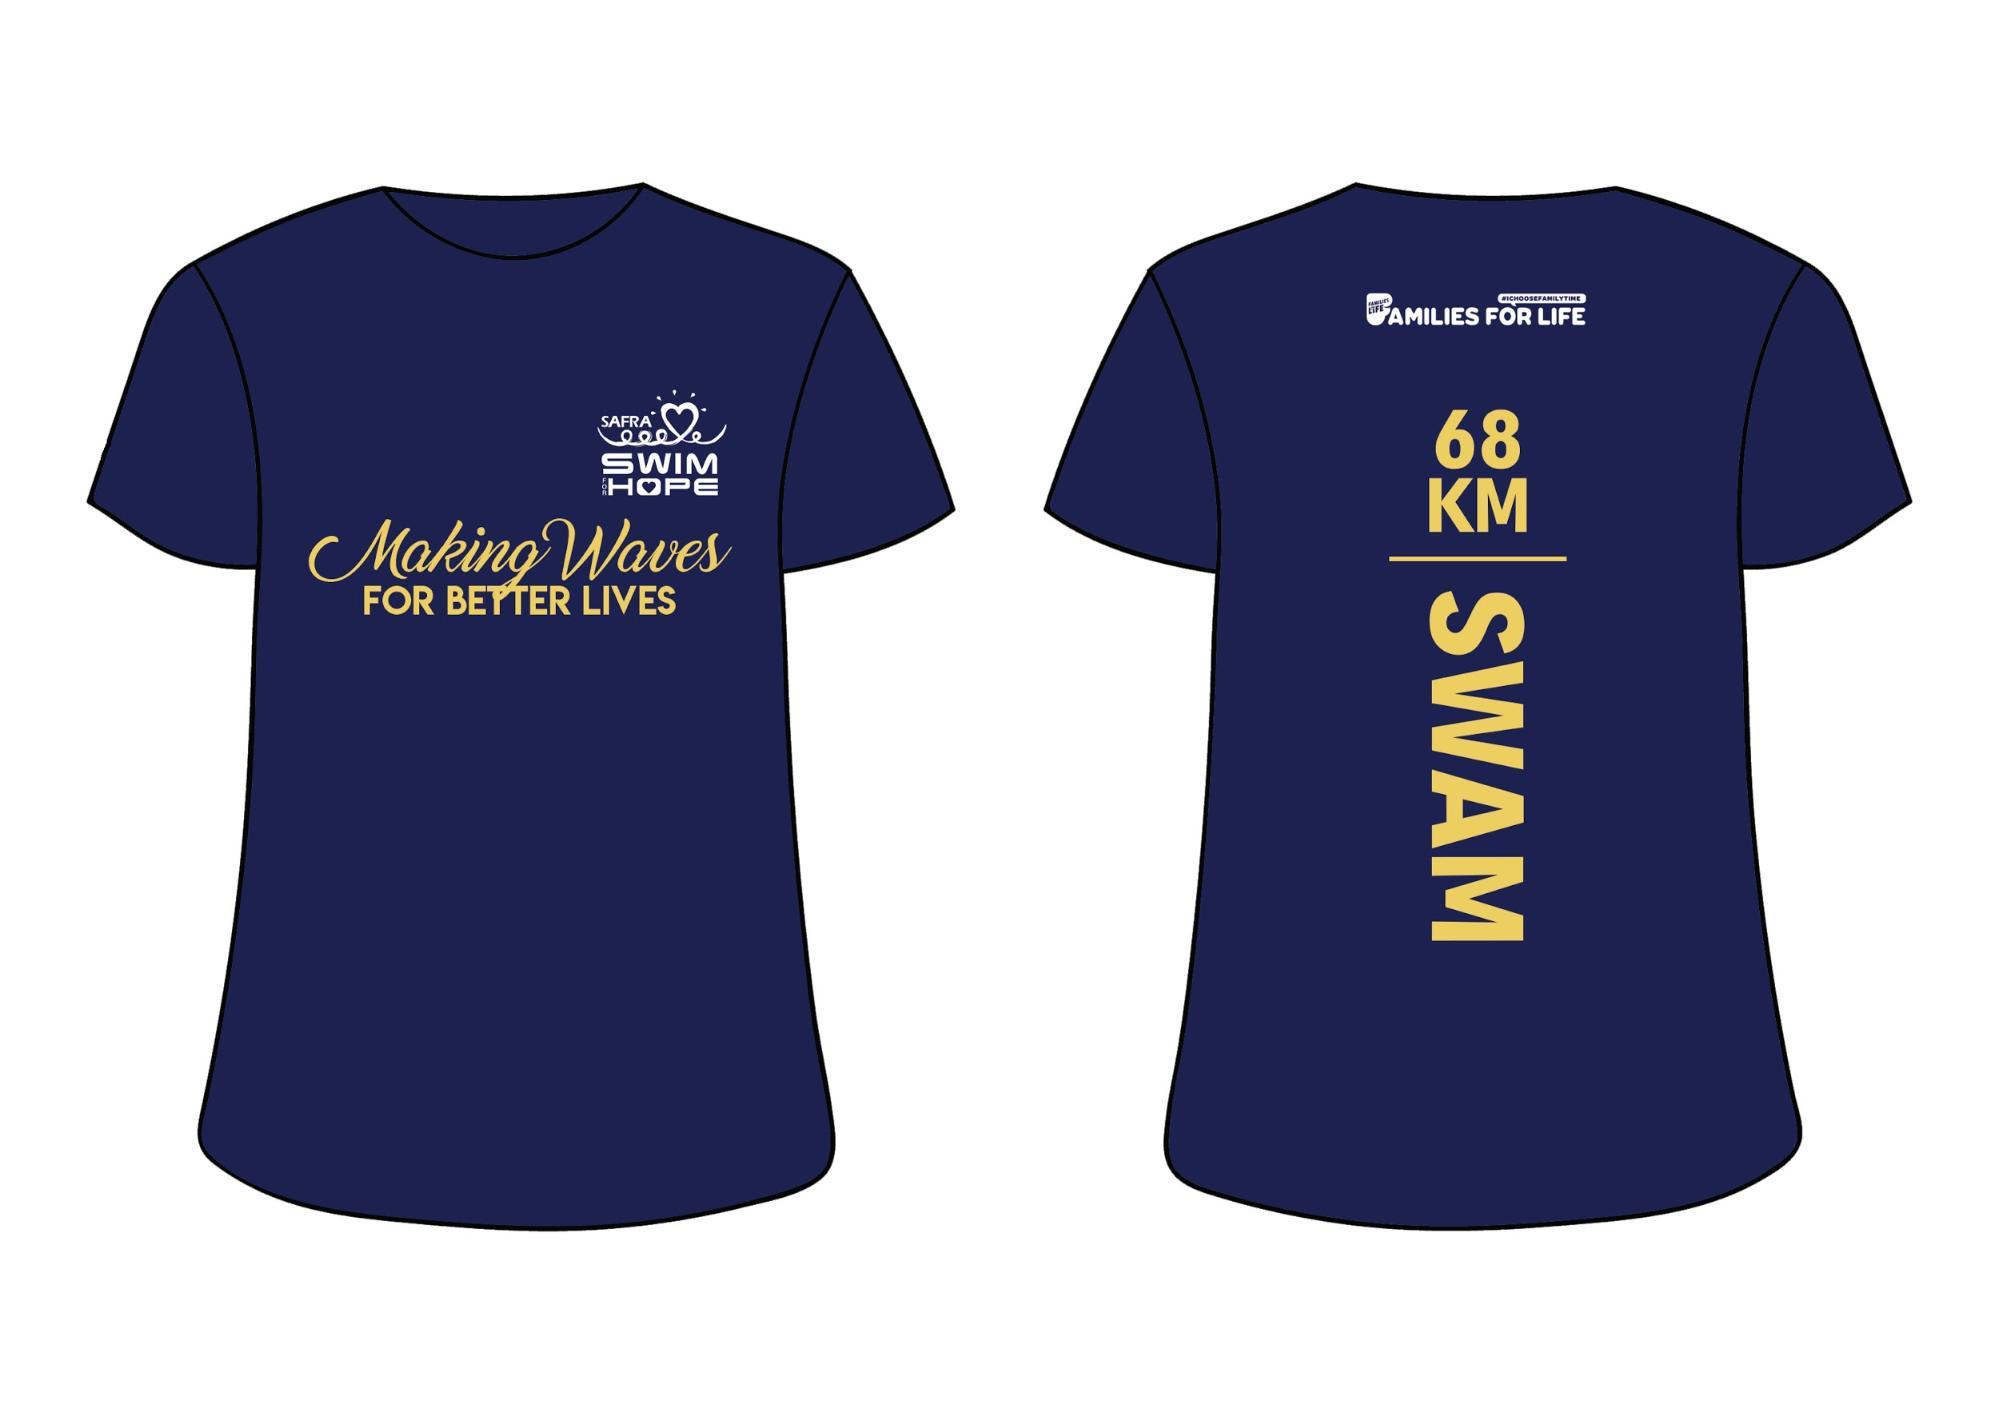 SAFRA Swim For Hope 2019 Donations Charity Finisher T-Shirt